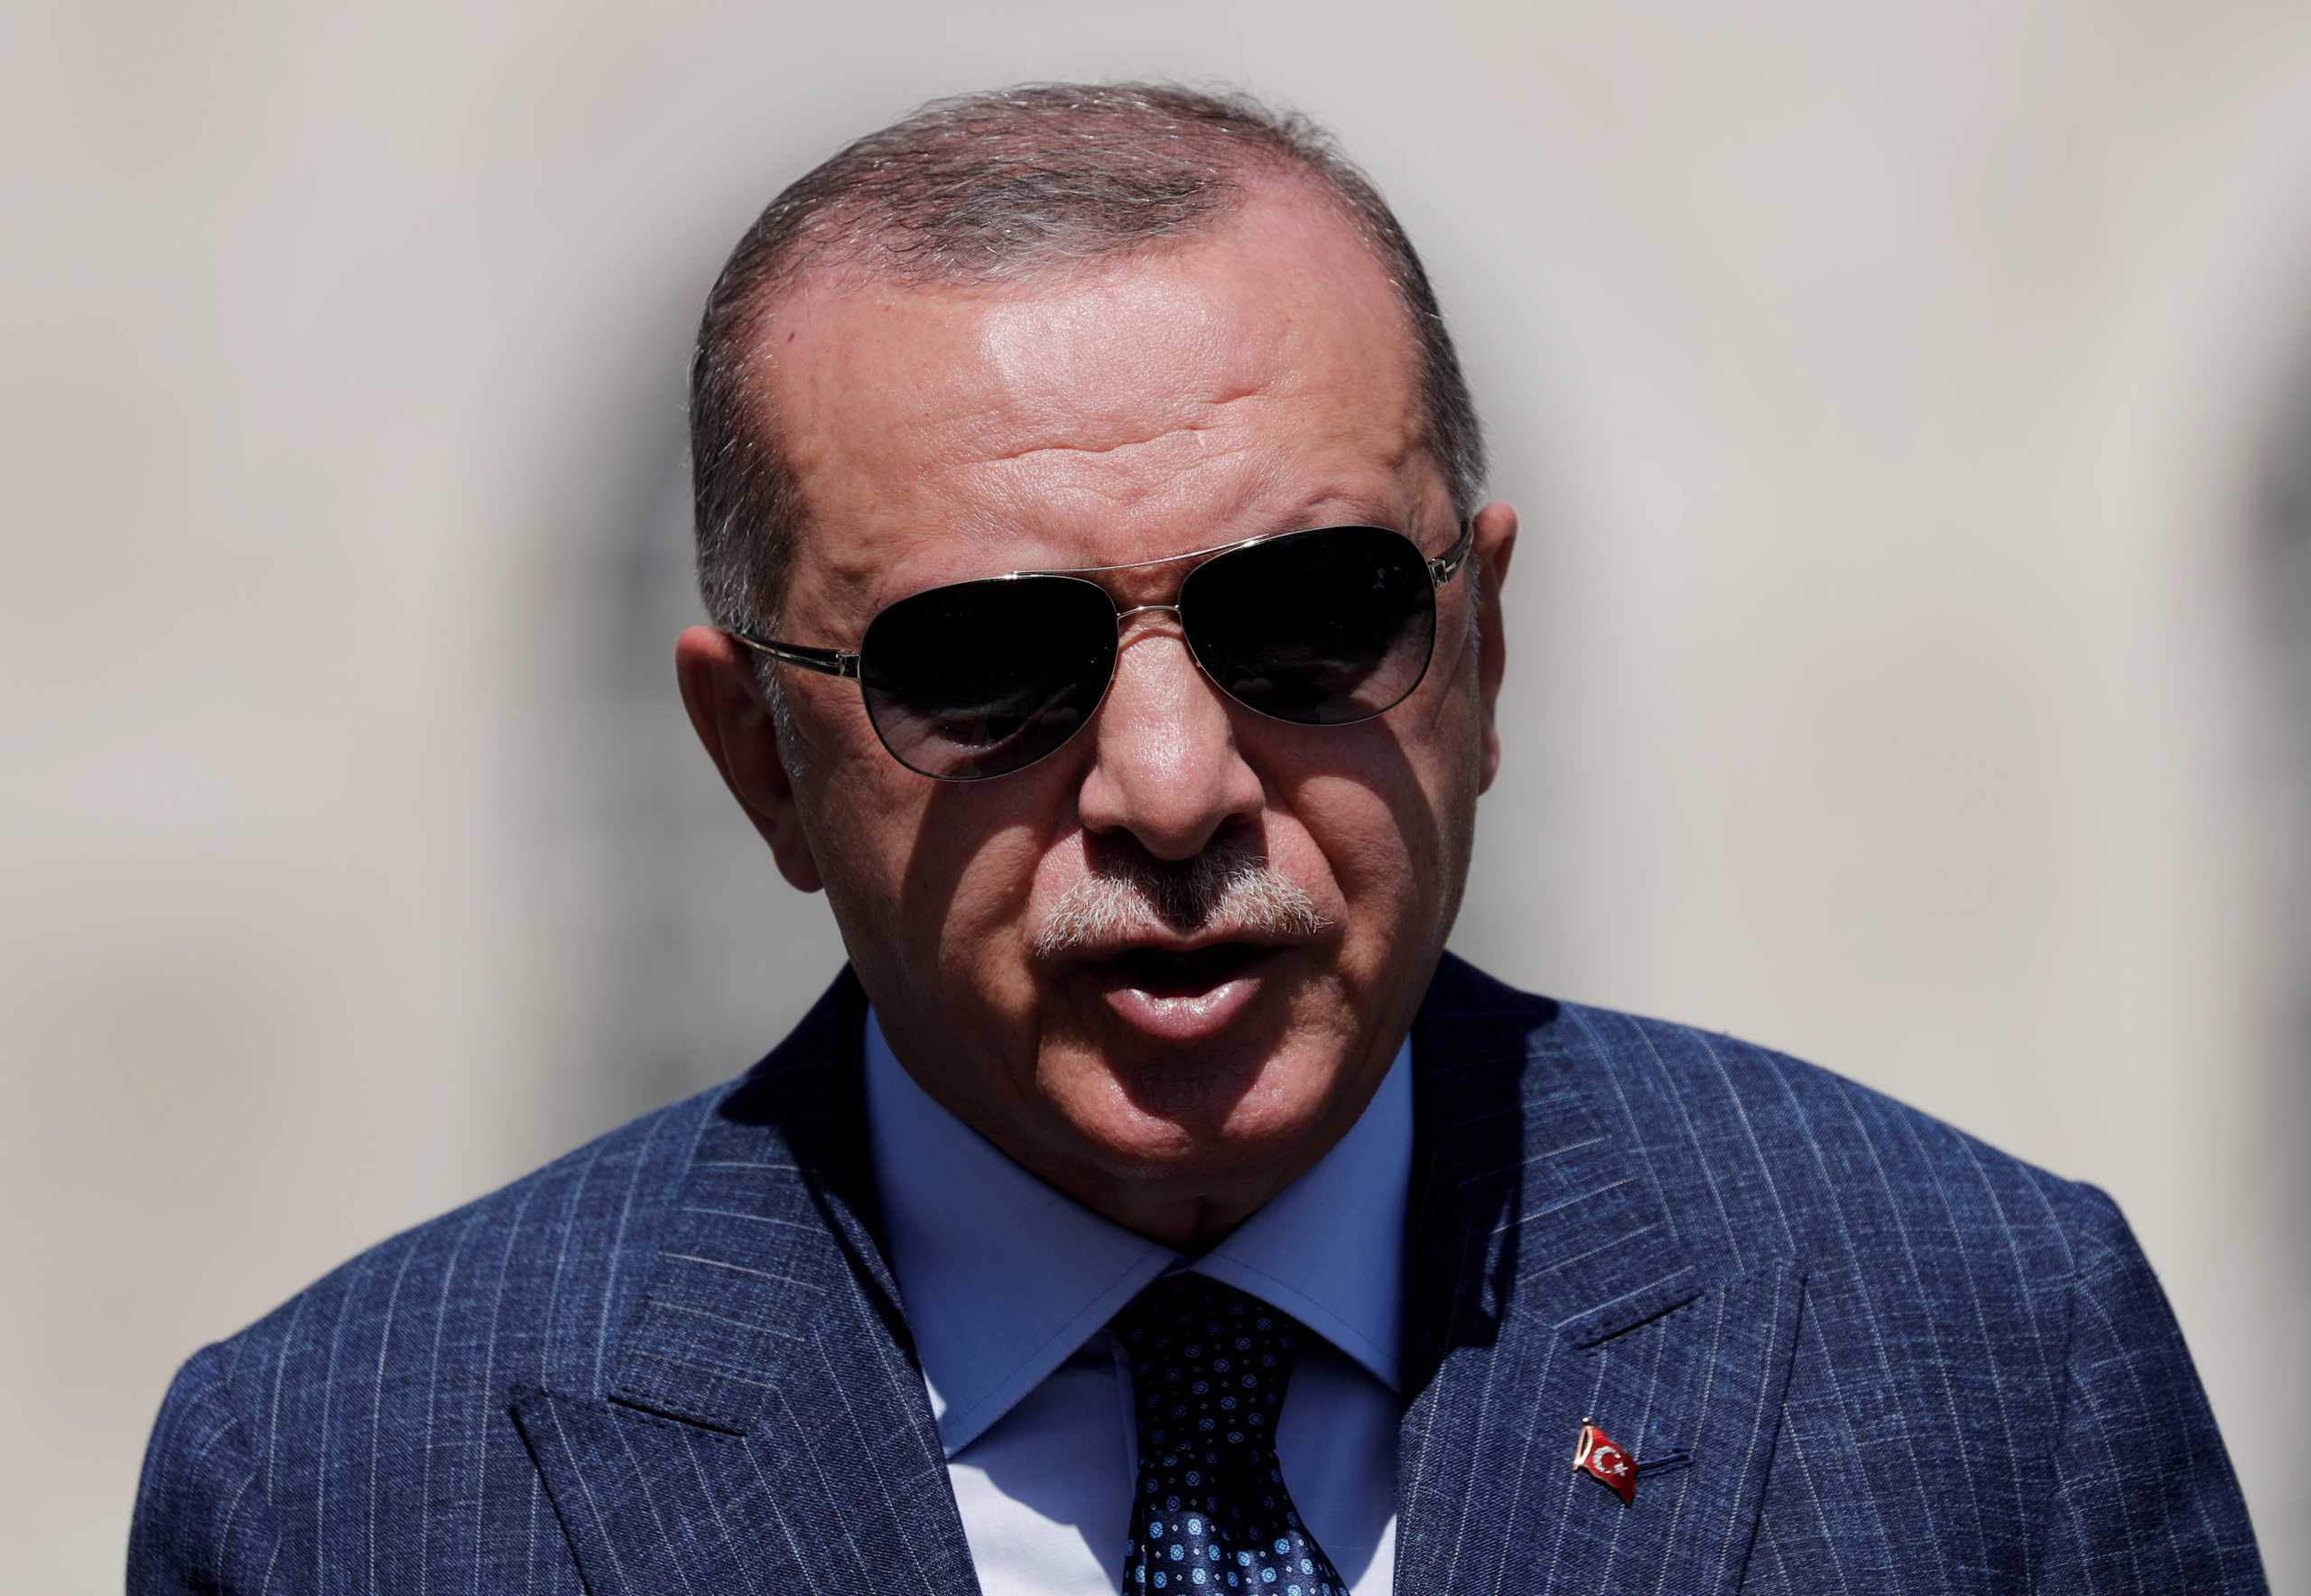 Νέες κατηγορίες για τον Ερντογάν: «Εξαφανίστηκαν» 159 τόνοι χρυσού